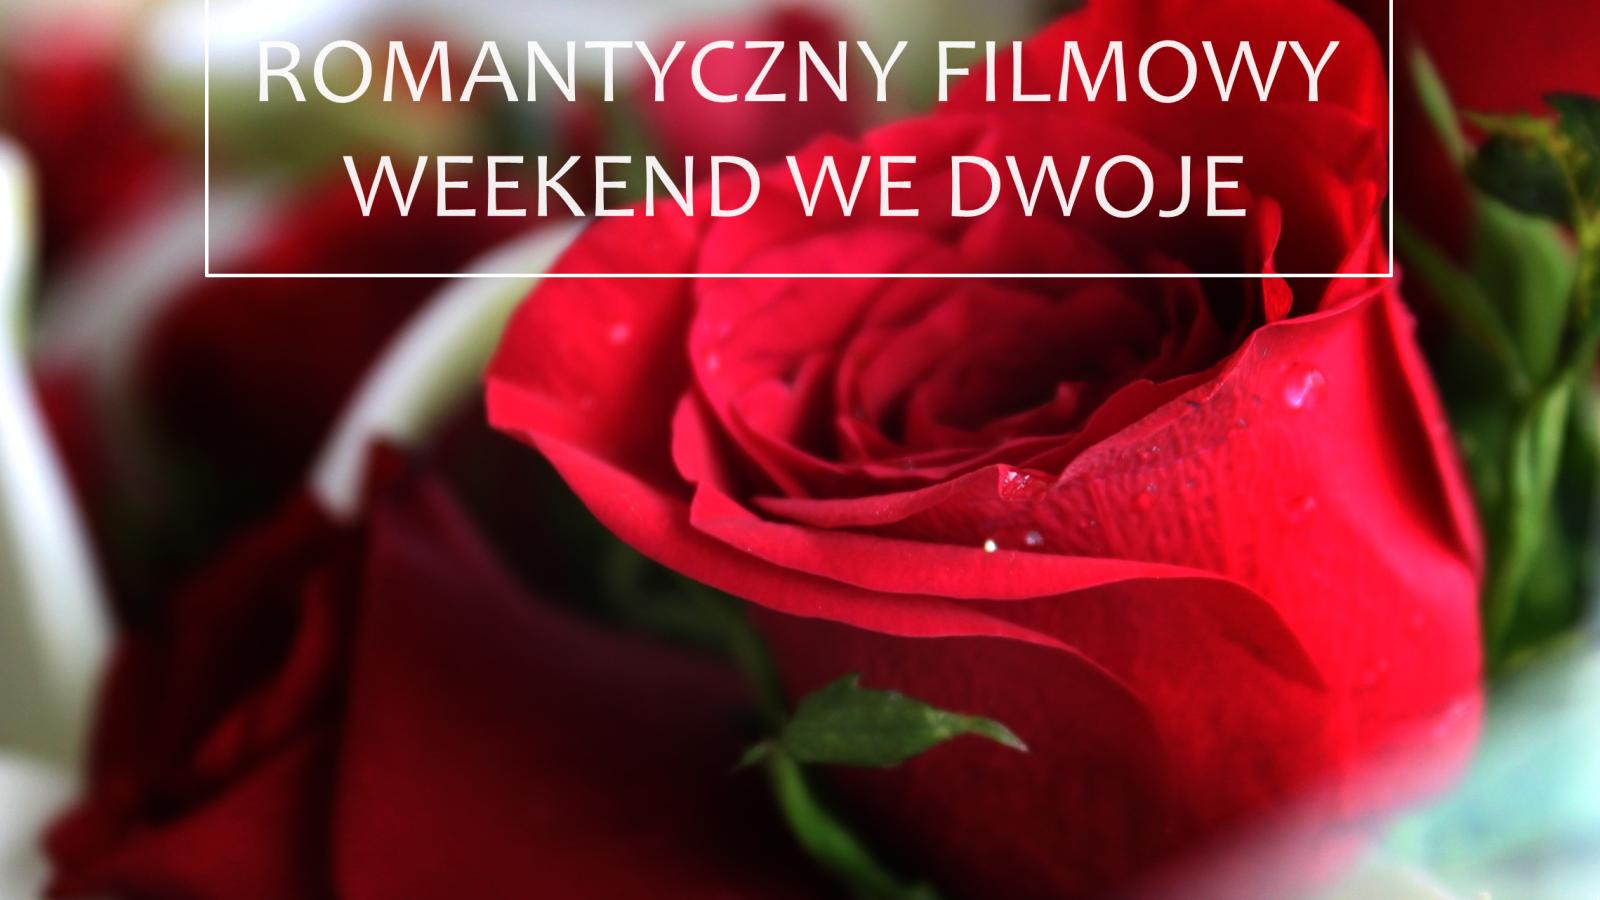 Romantyczny, filmowy weekend we dwoje ♡